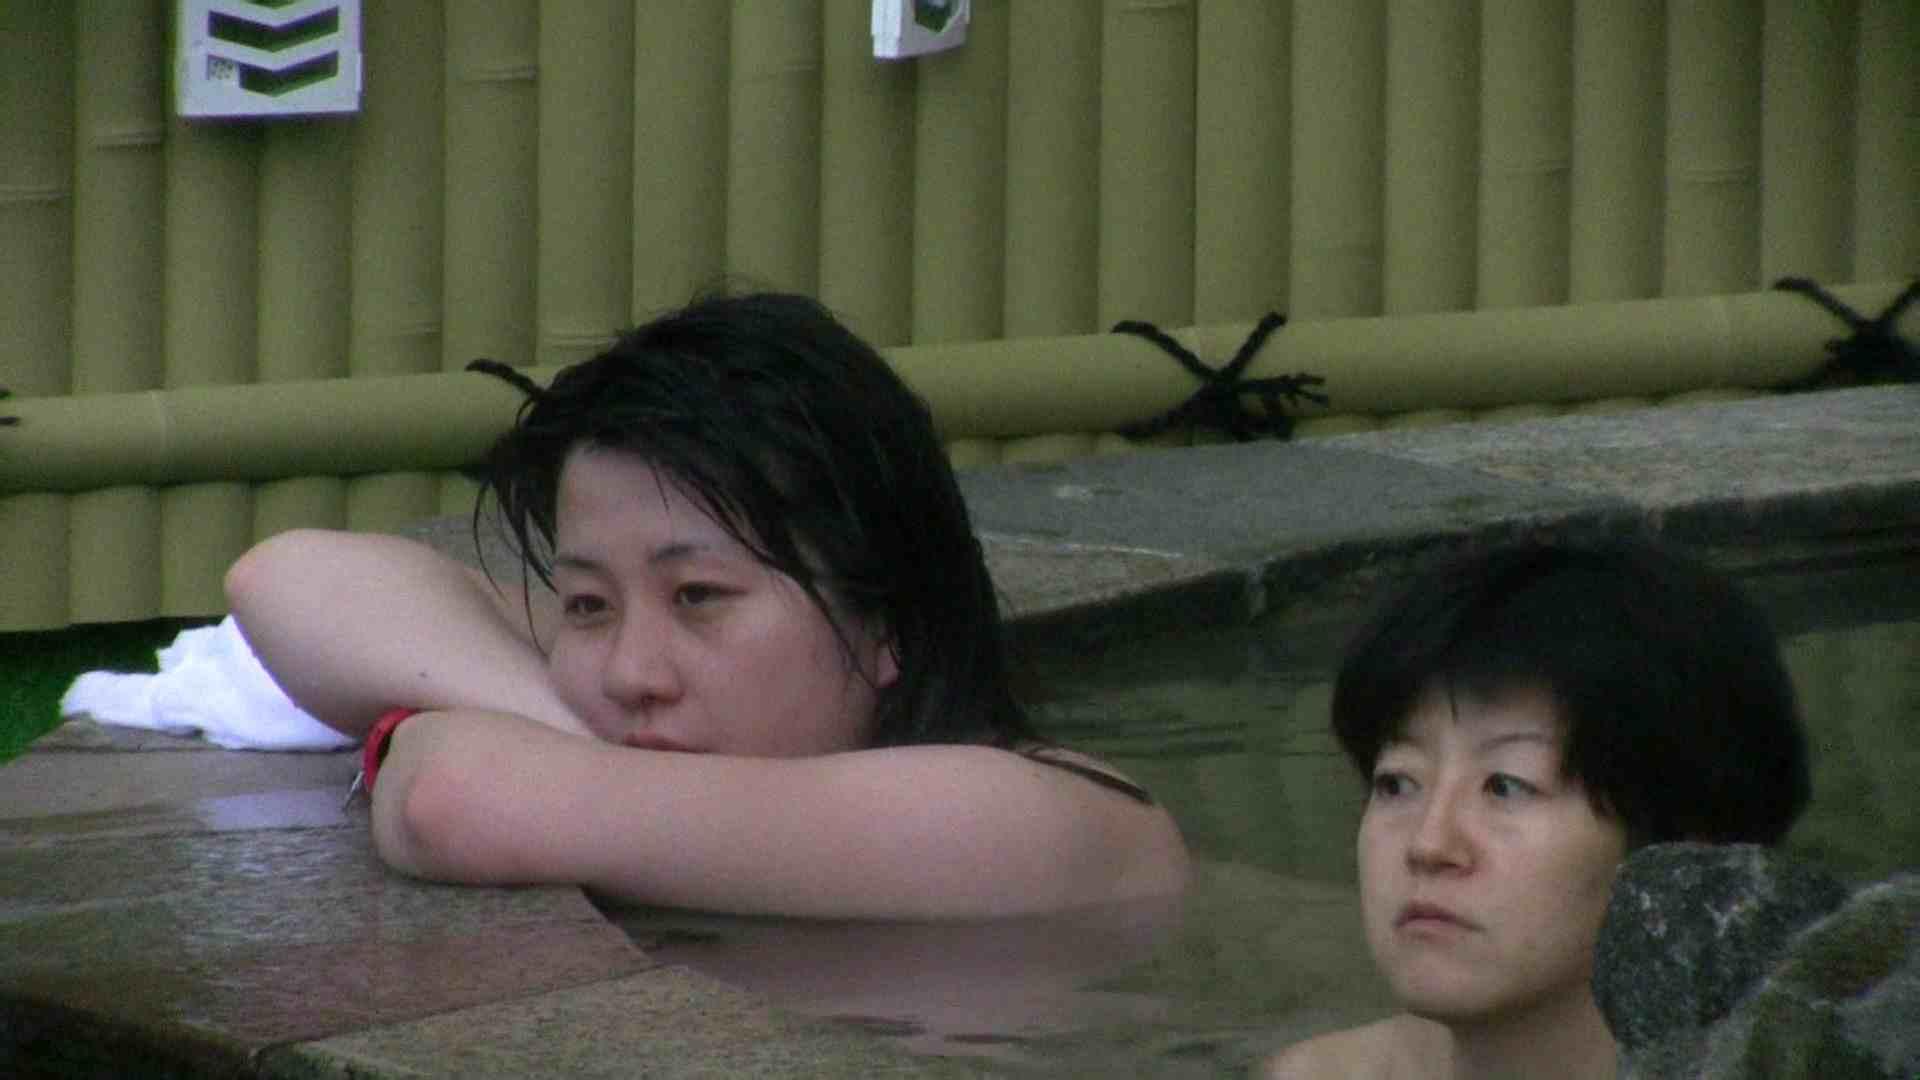 Aquaな露天風呂Vol.541 盗撮  48画像 36